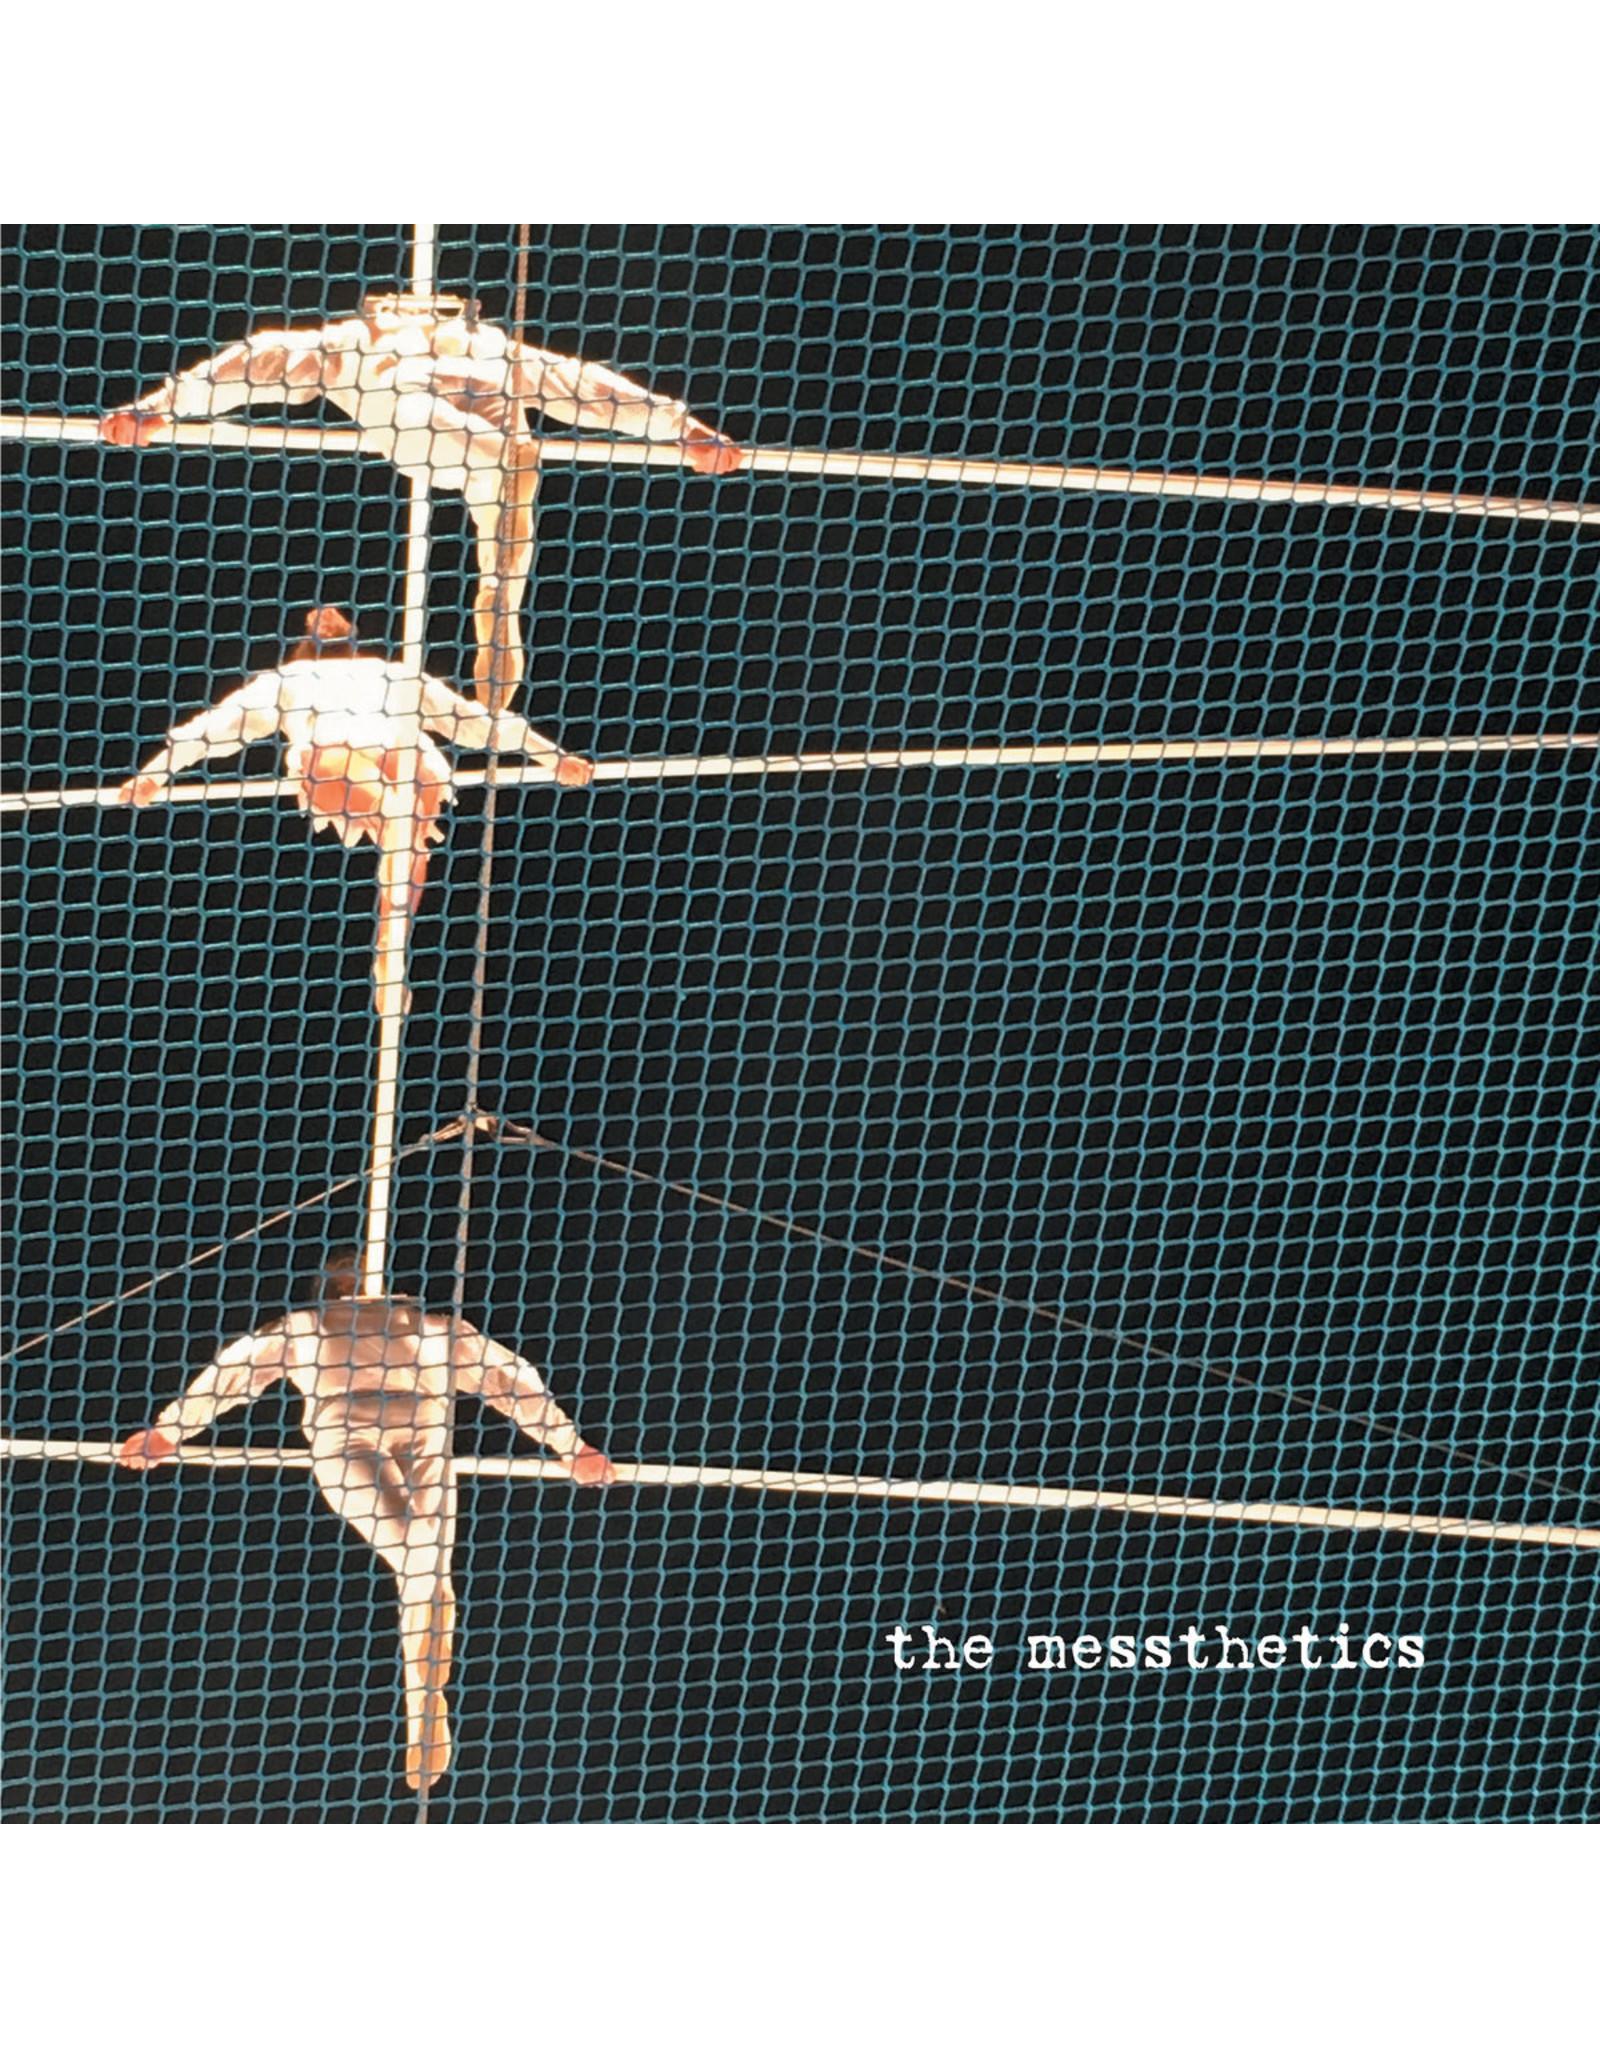 New Vinyl The Messthetics - S/T LP